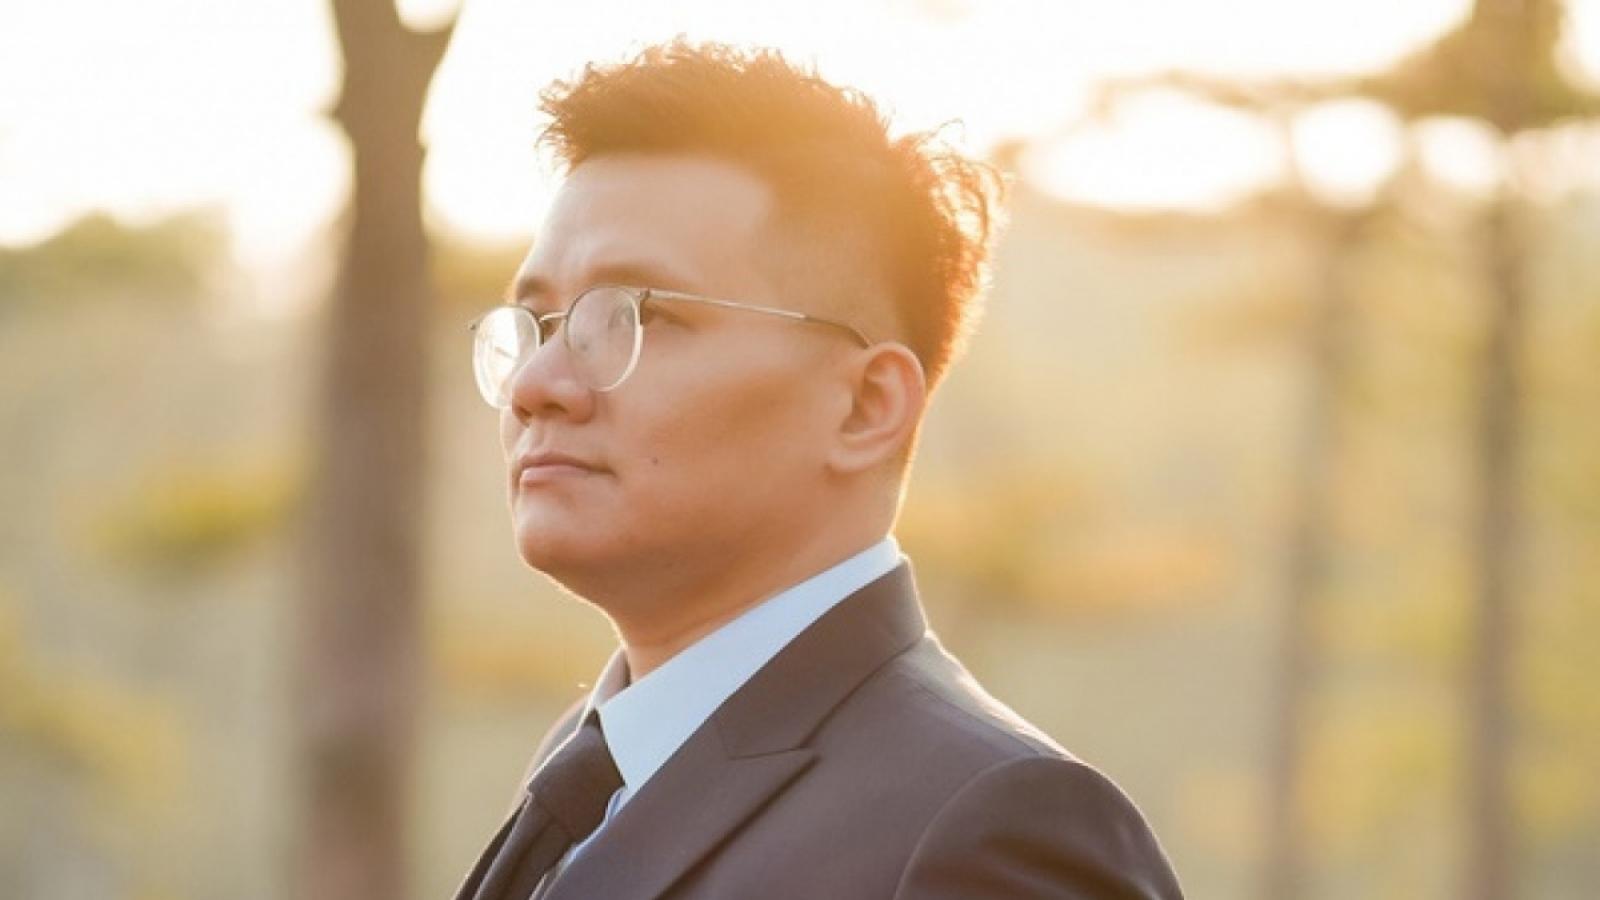 Nóng 24h: Bộ Công an bắt, khám xét nhà lập trình viên Nhâm Hoàng Khang